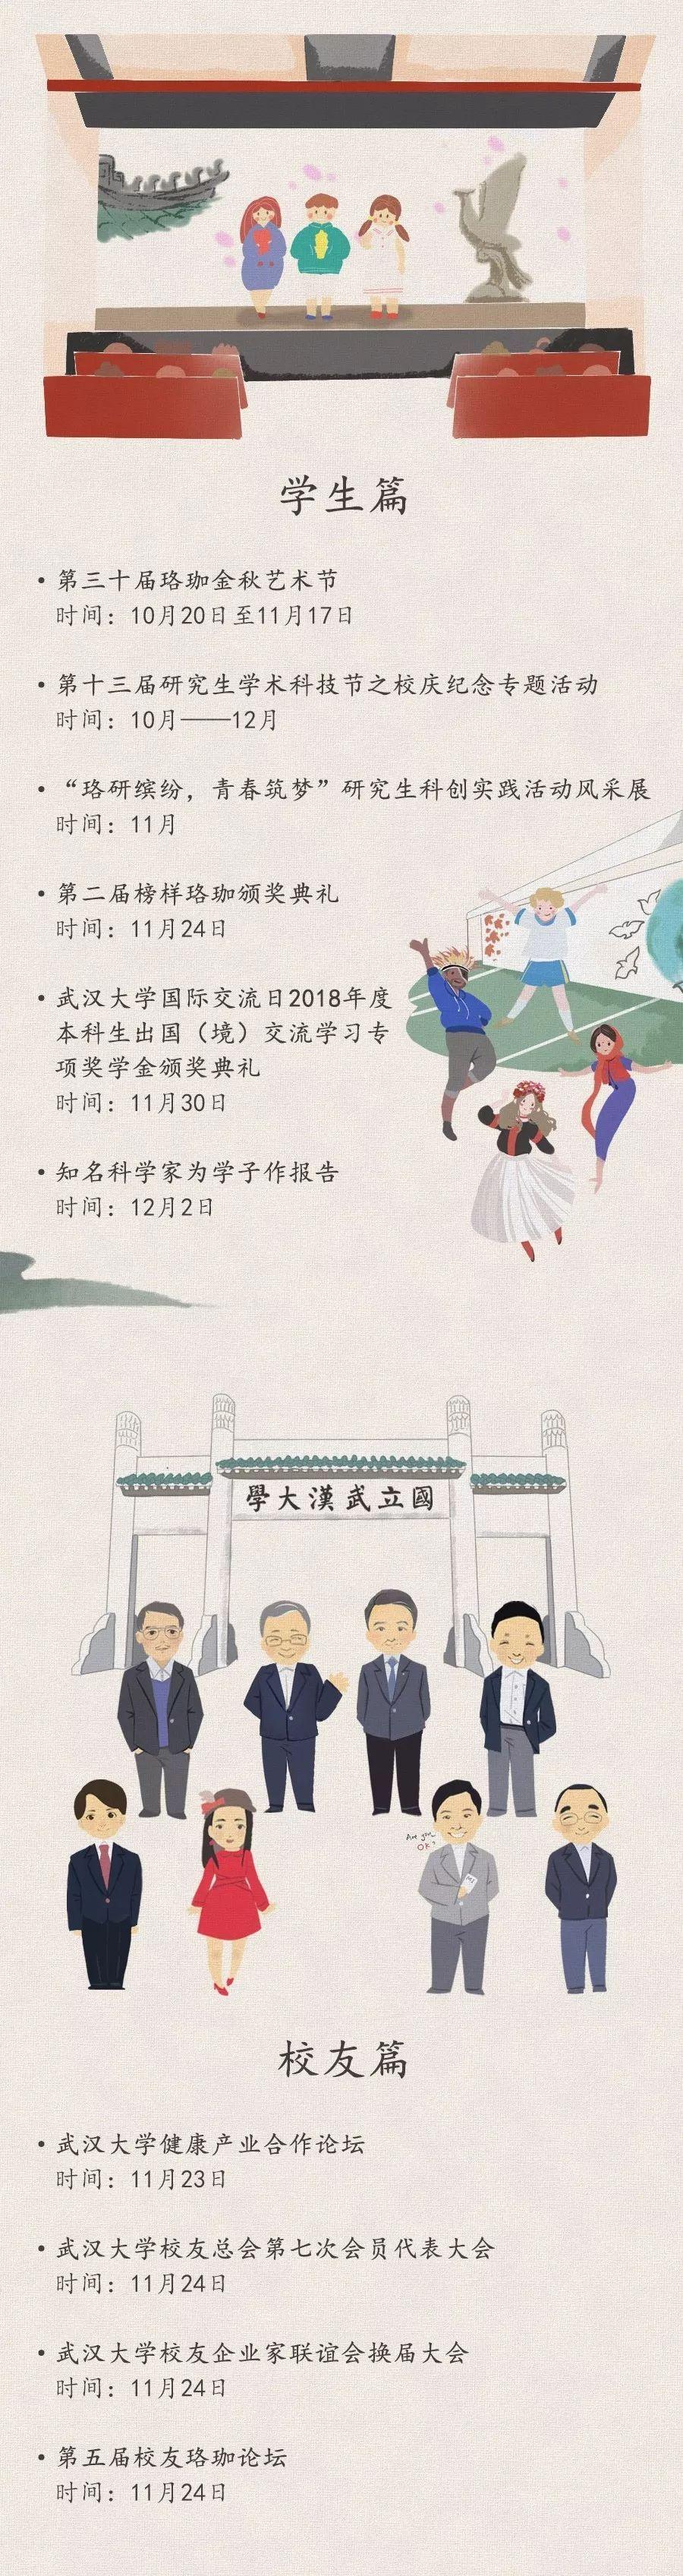 武汉大学将迎来125周年校庆,学校融媒体中心策划推出校庆活动手绘导览